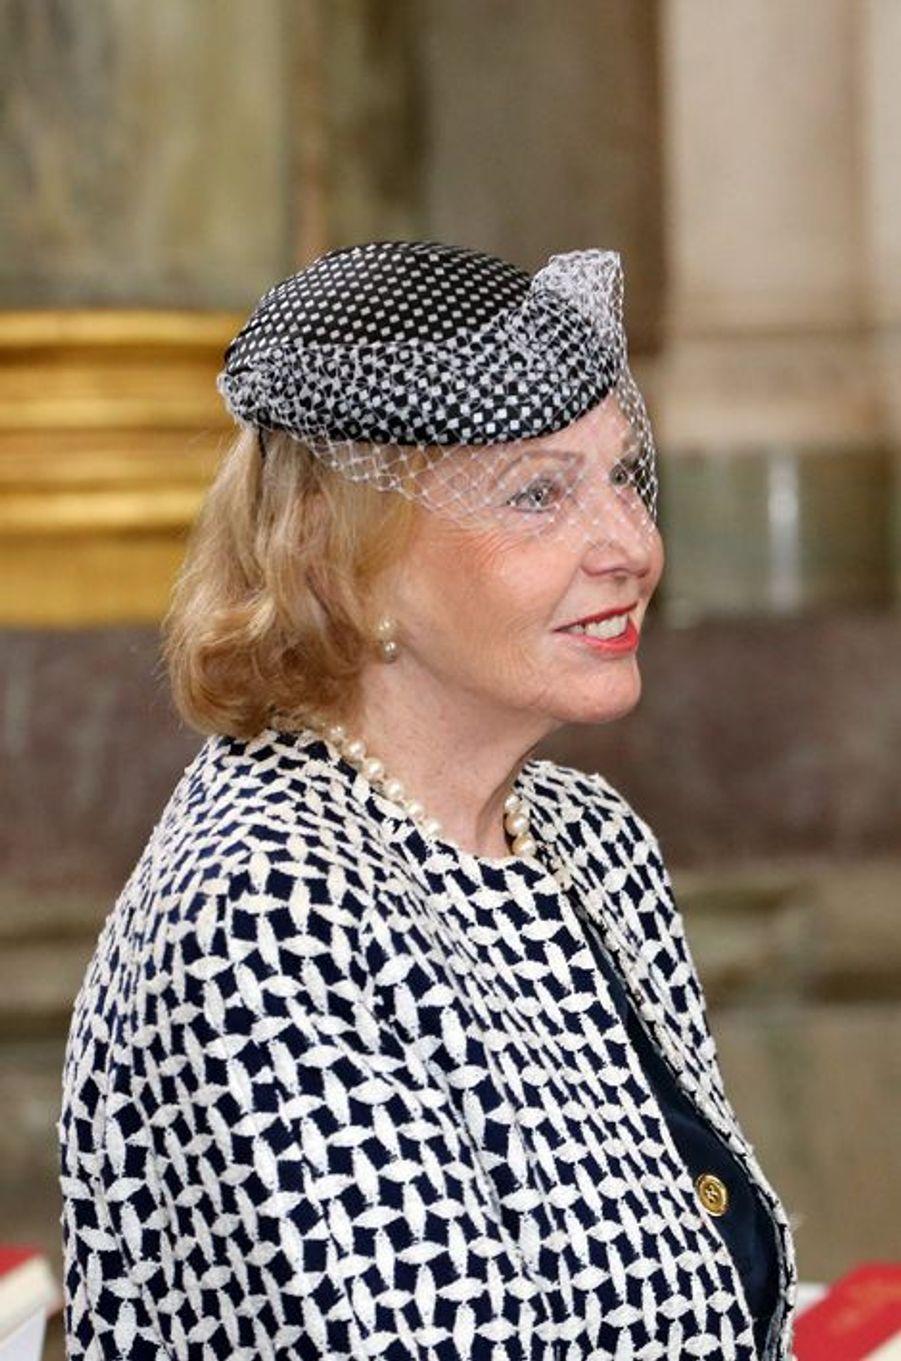 La comtesse Marianne Bernadotte dans la chapelle royale à Stockholm, le 18 juin 2015